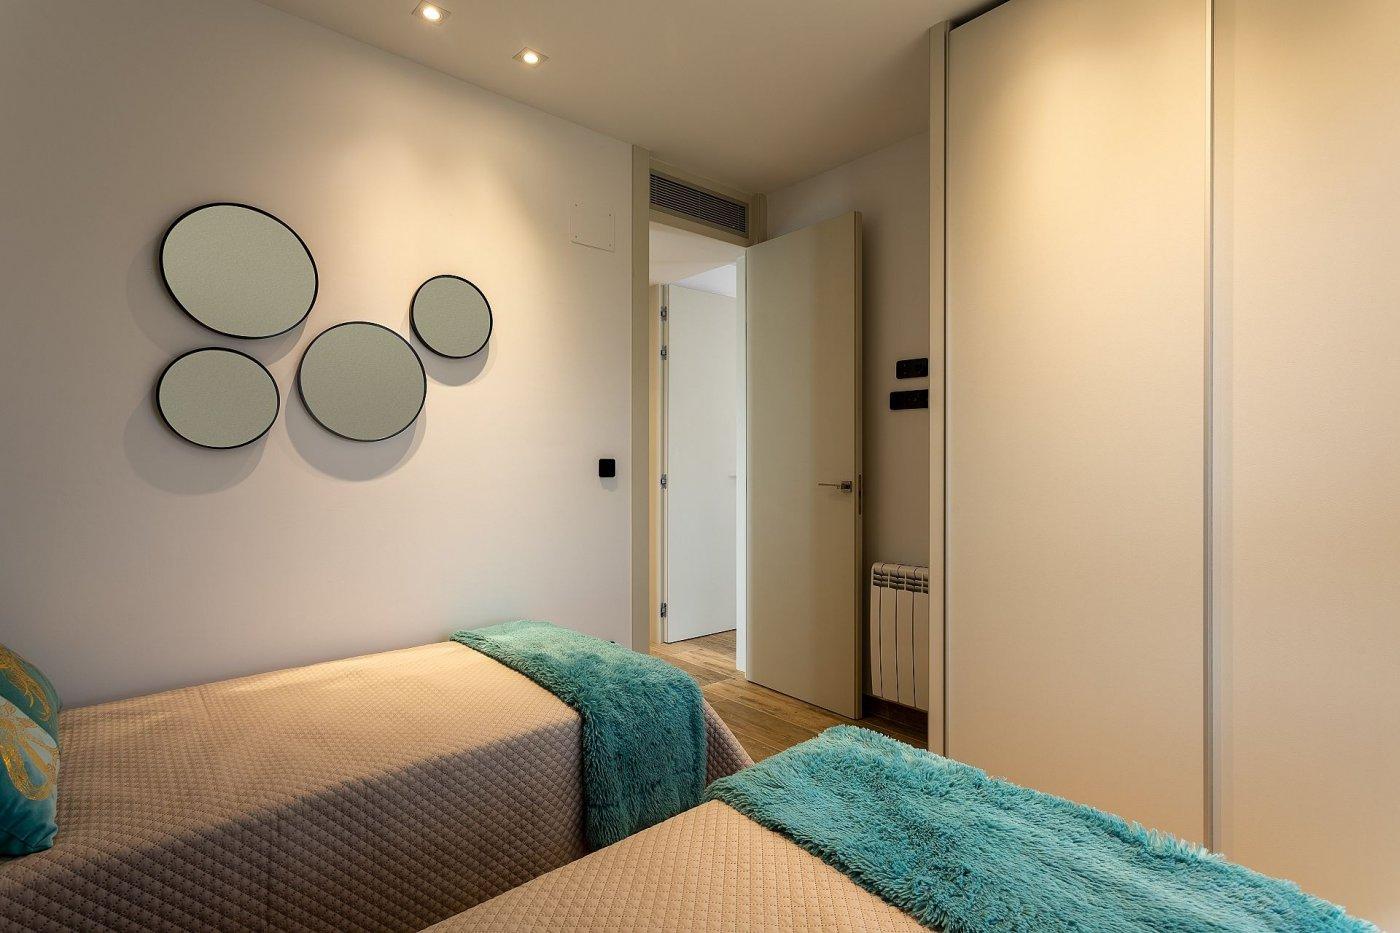 Complejo residencial de obra nueva en punta prima - imagenInmueble14